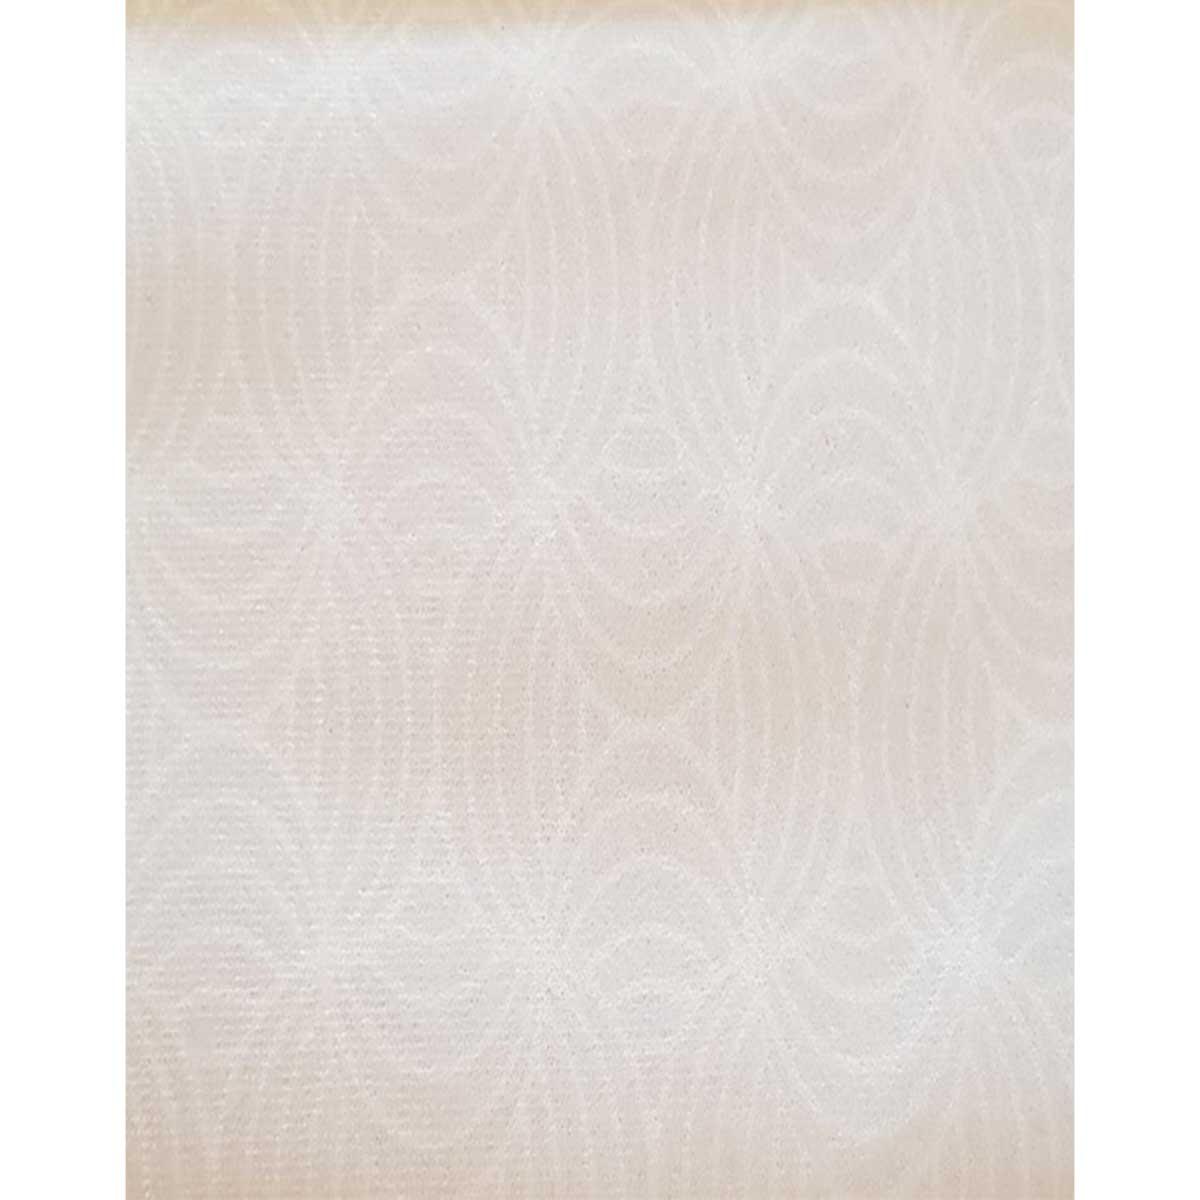 Tissu déperlant imprimé géométrique - Ecru - 1.55 m